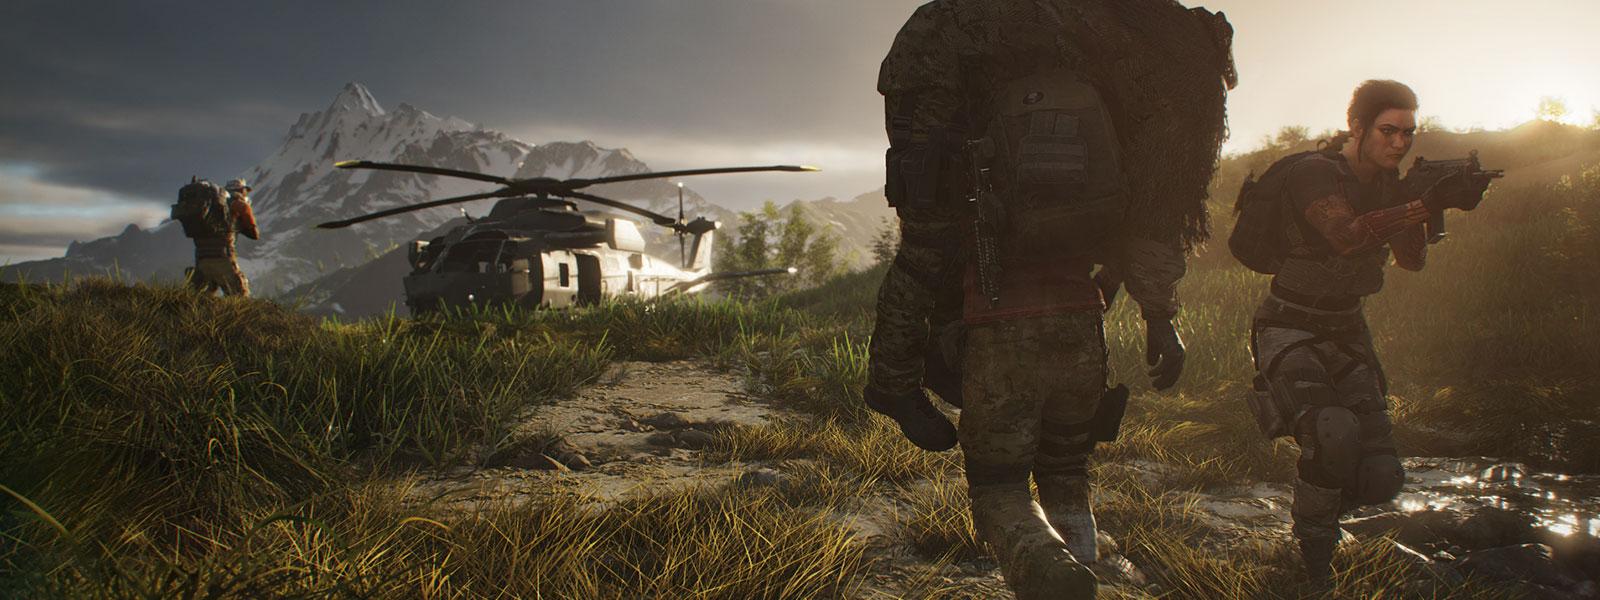 角色将另一个人扛在肩上走向直升飞机,同时还有另外两个角色守卫